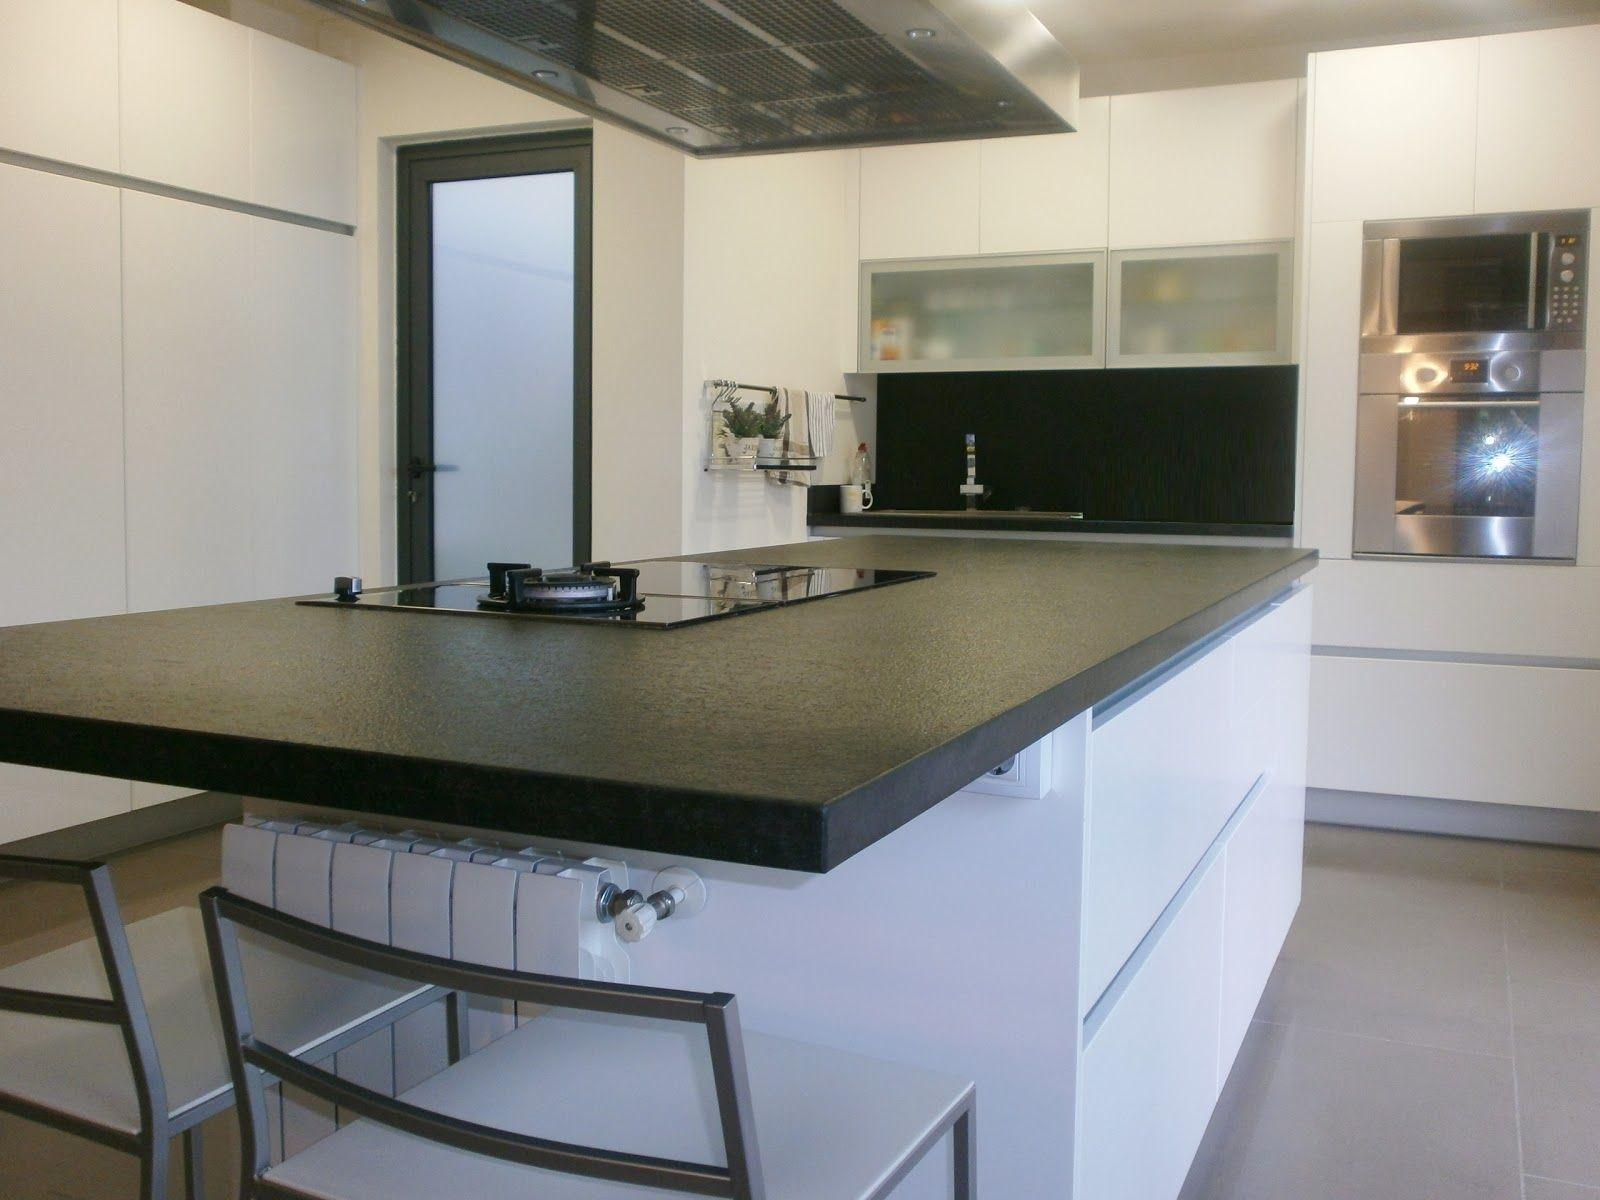 cocina con marmol negro y alacena blanca buscar con google